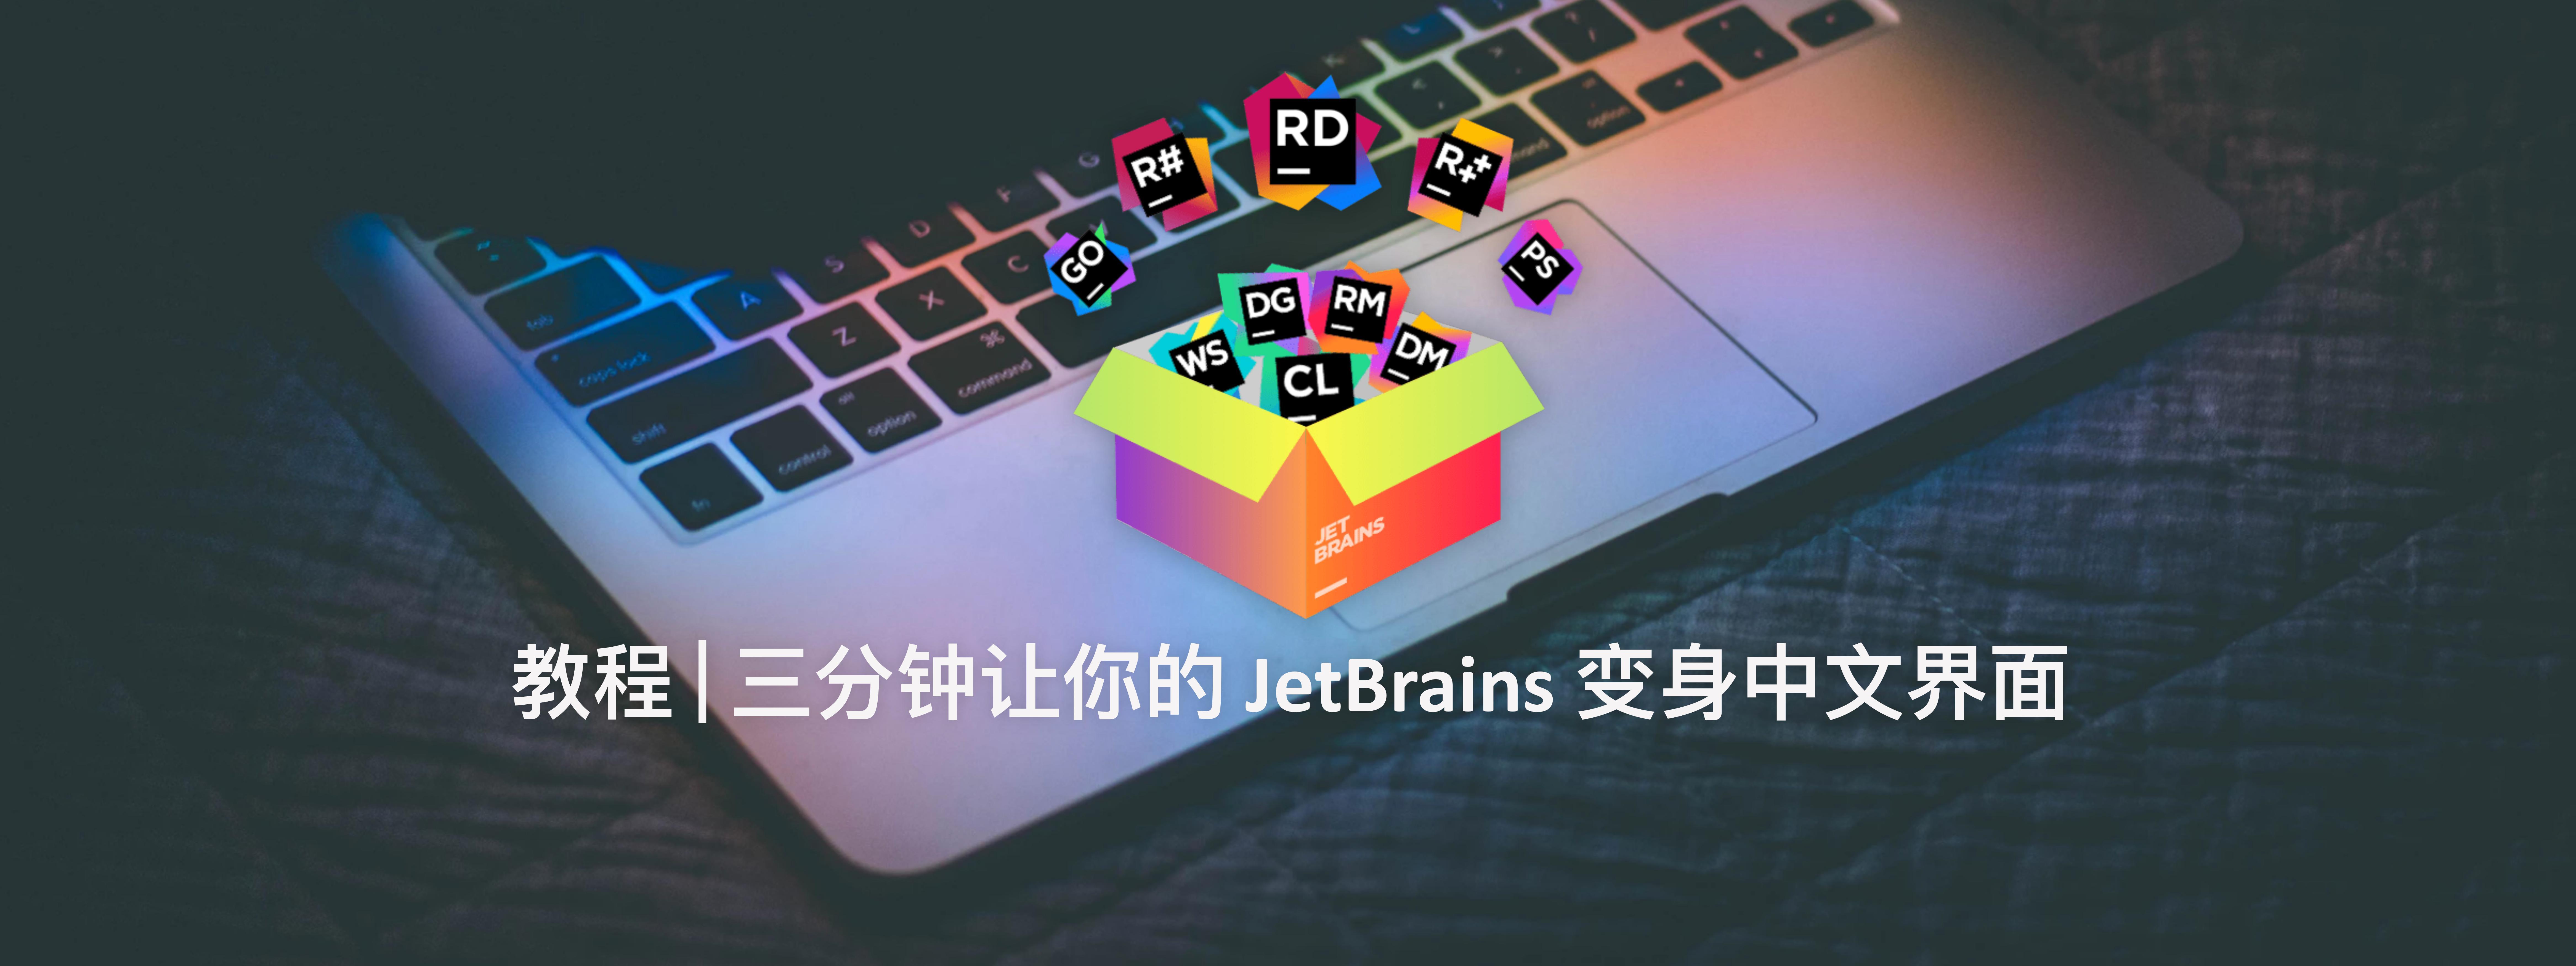 只需三分钟让你的 JetBrains 变身中文界面